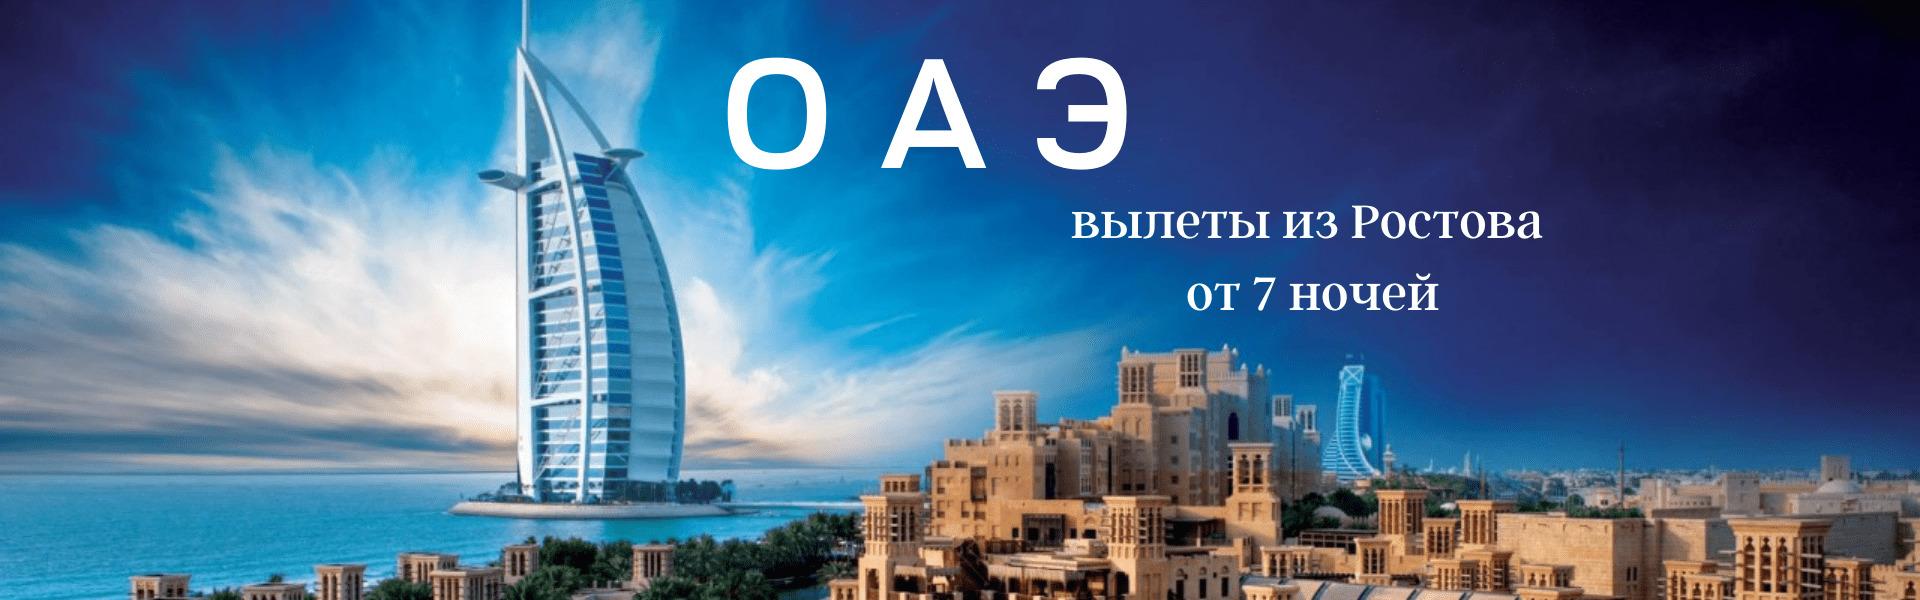 Туры в Арабские Эмираты из Ростова-на-Дону